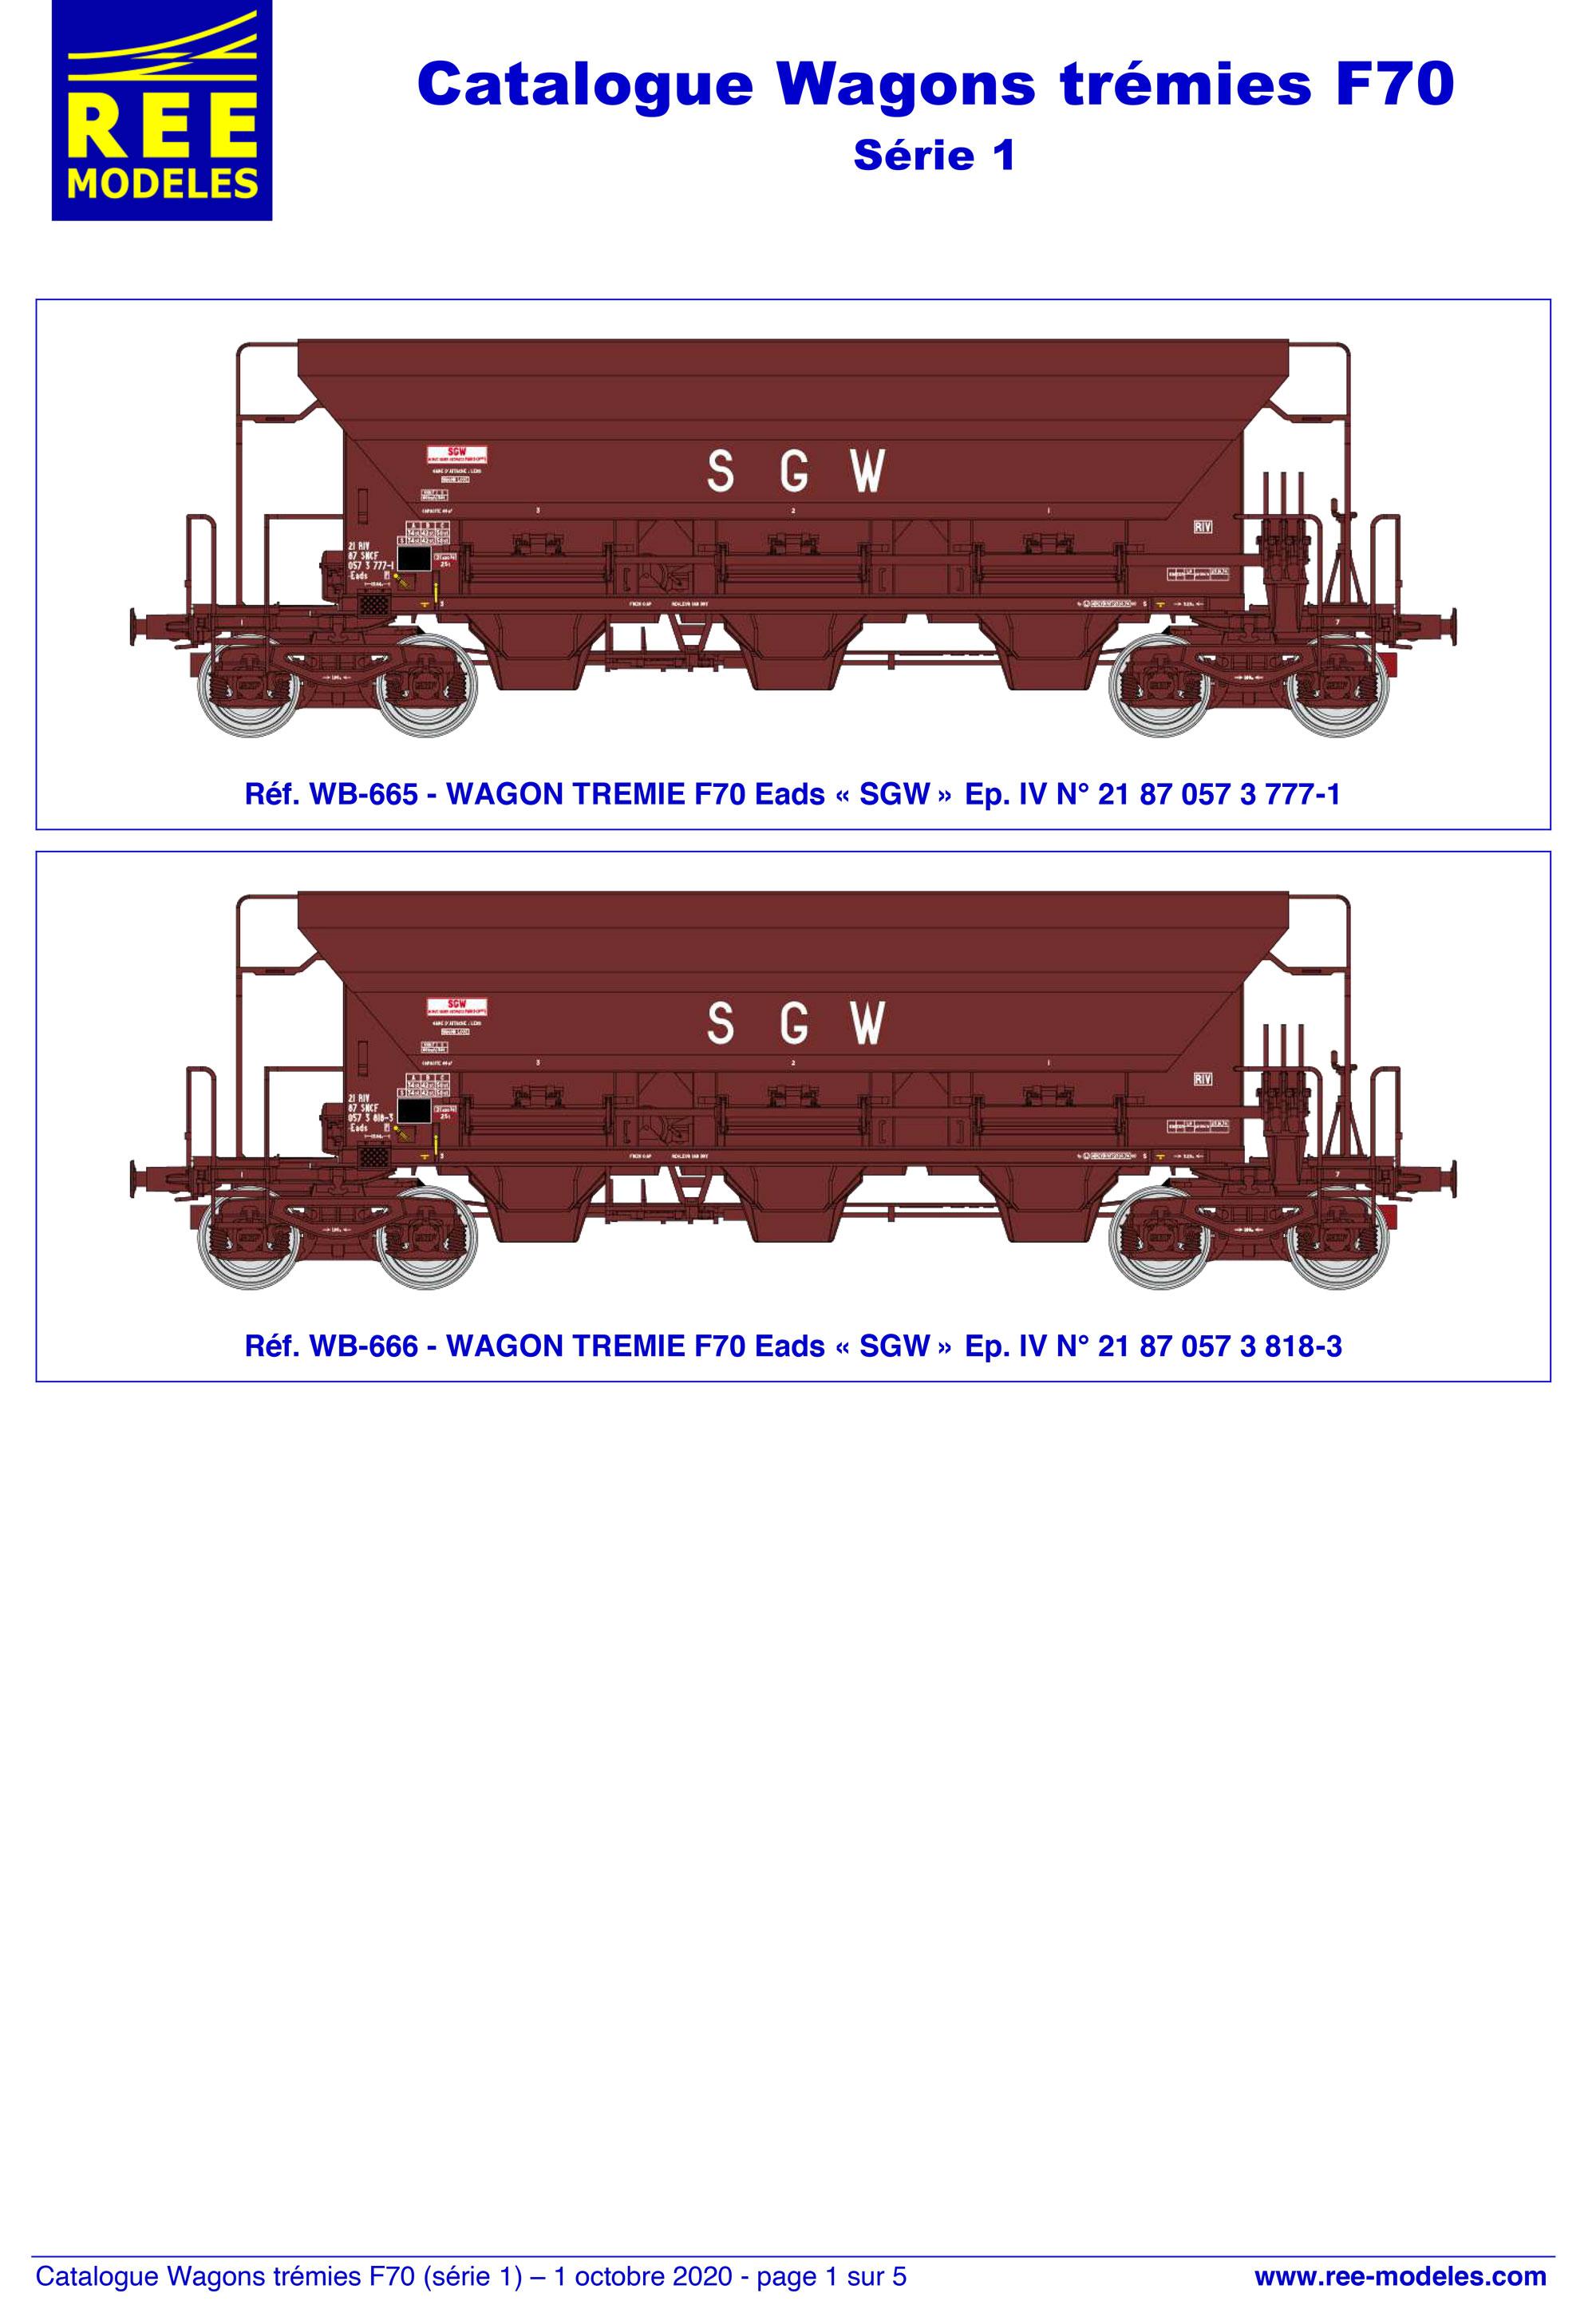 Rails Europ Express - F70 Eads / Facs freight wagons